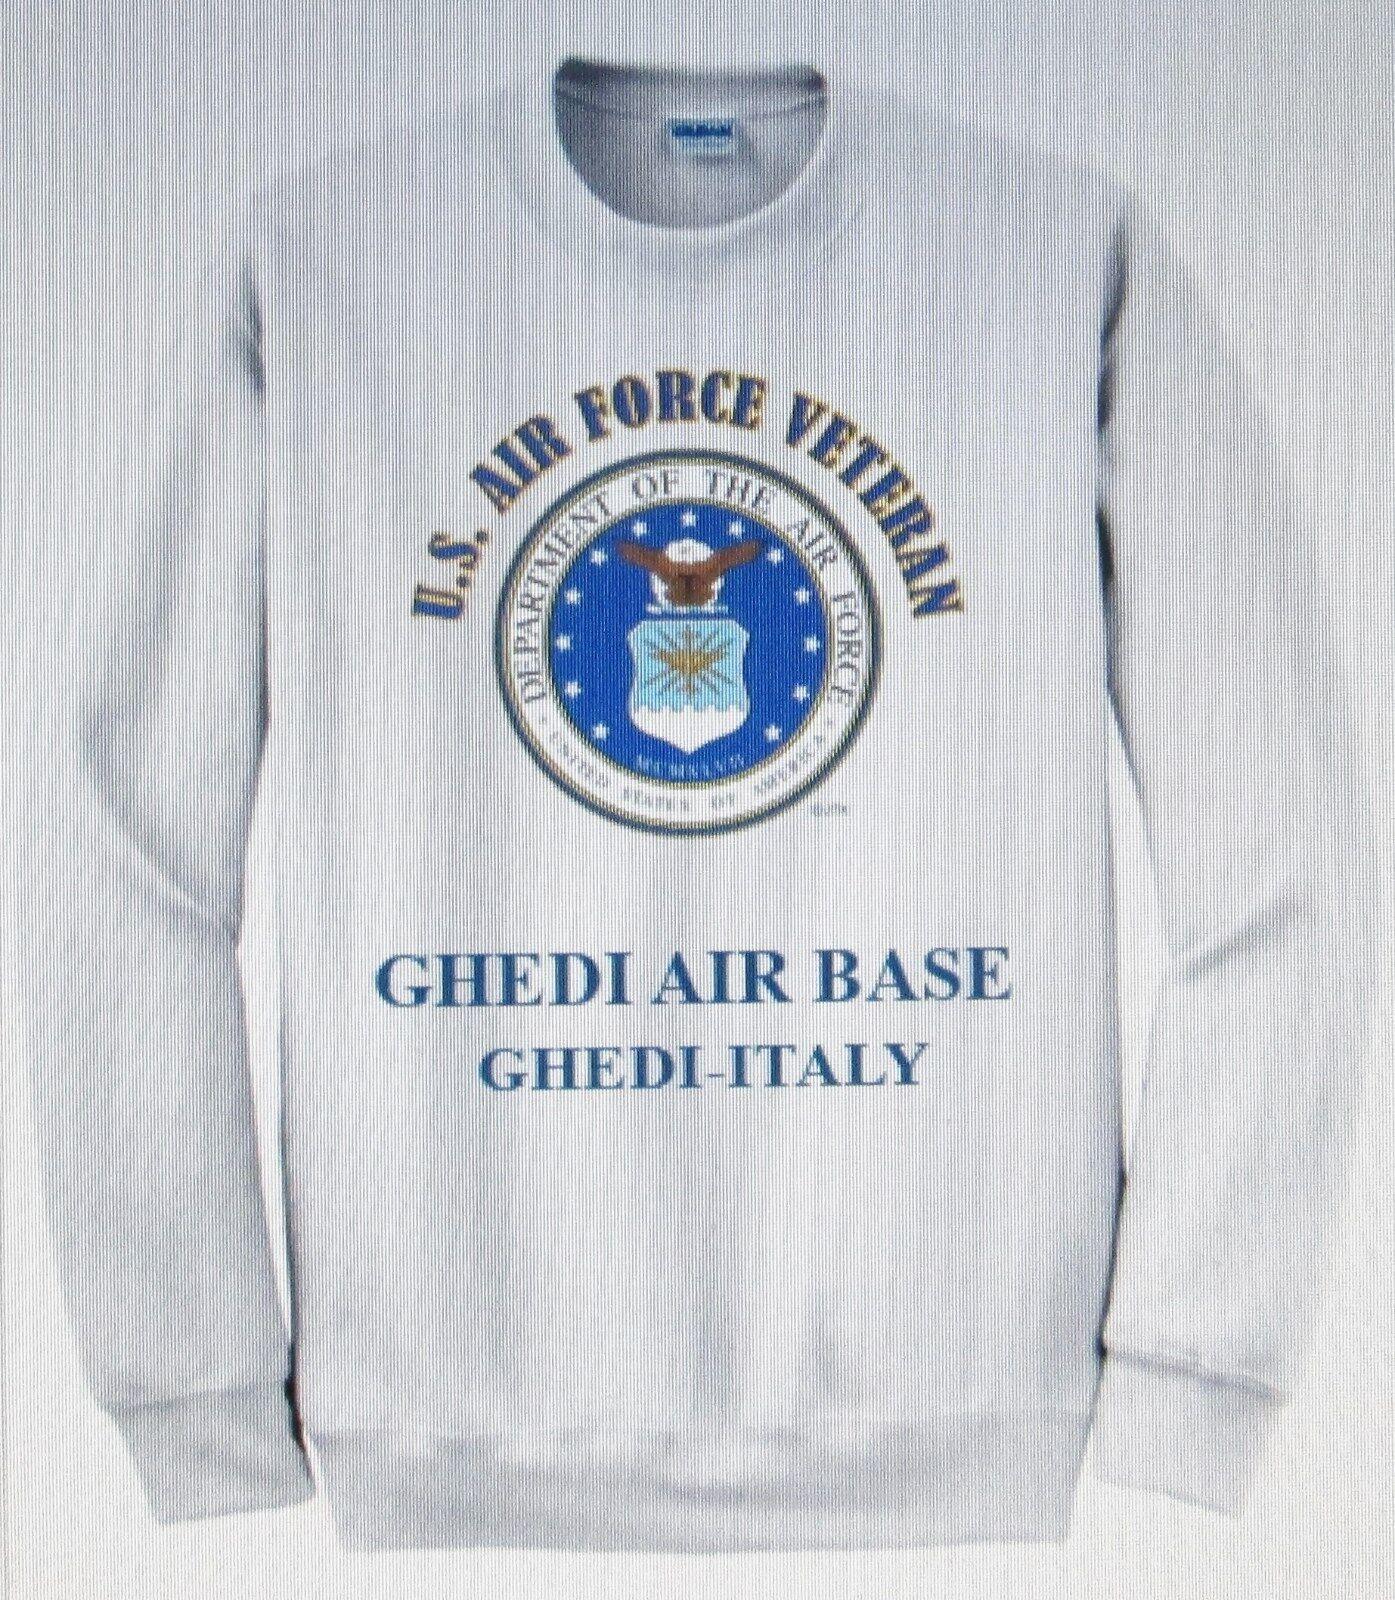 GHEDI AIR EMBLEM BASE* GHEDI-ITALY* U.S. AIR FORCE EMBLEM AIR SWEATSHIRT f602e9